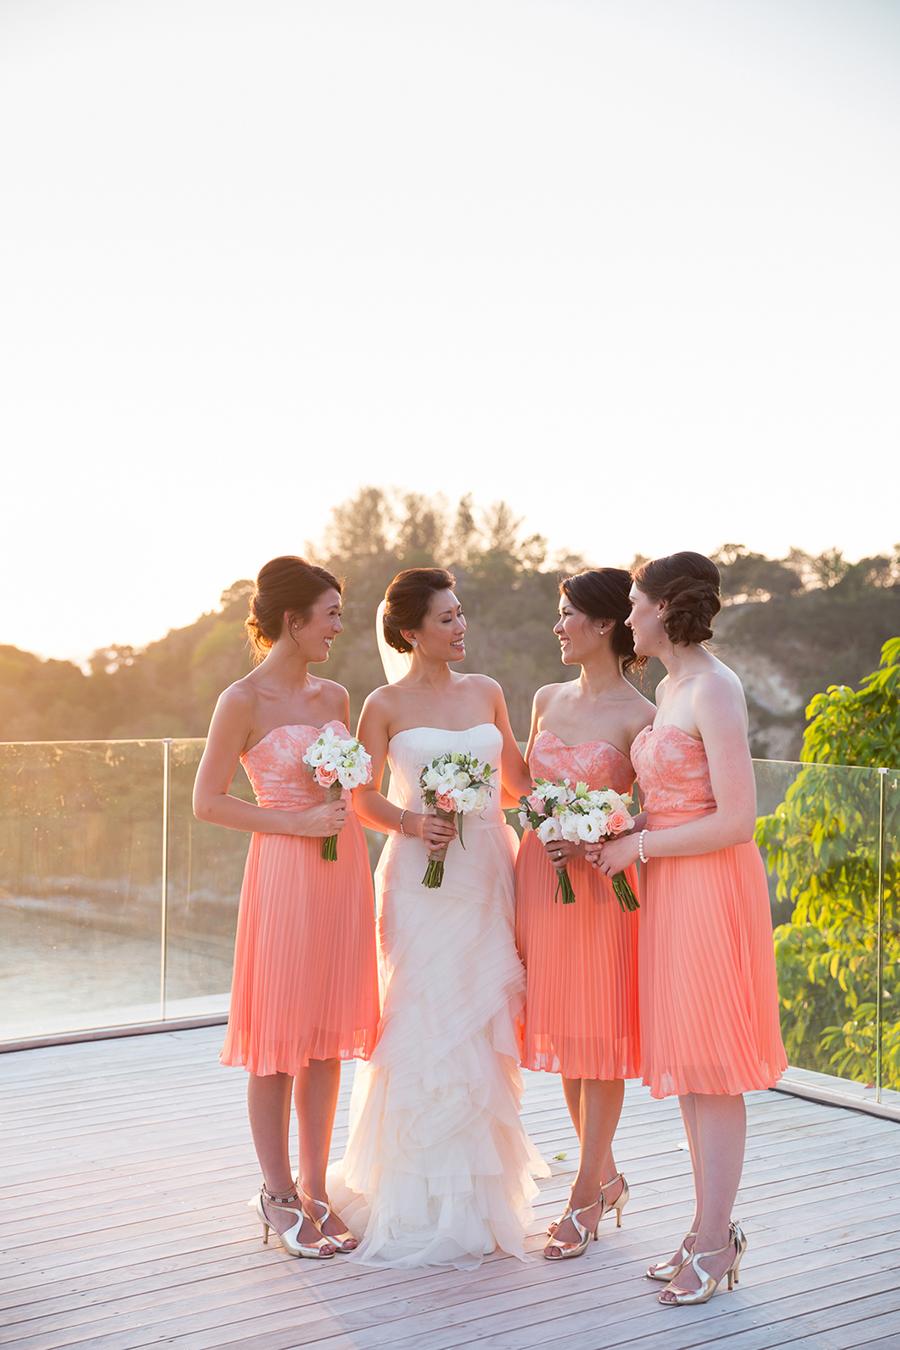 Baan santisuk wedding bands